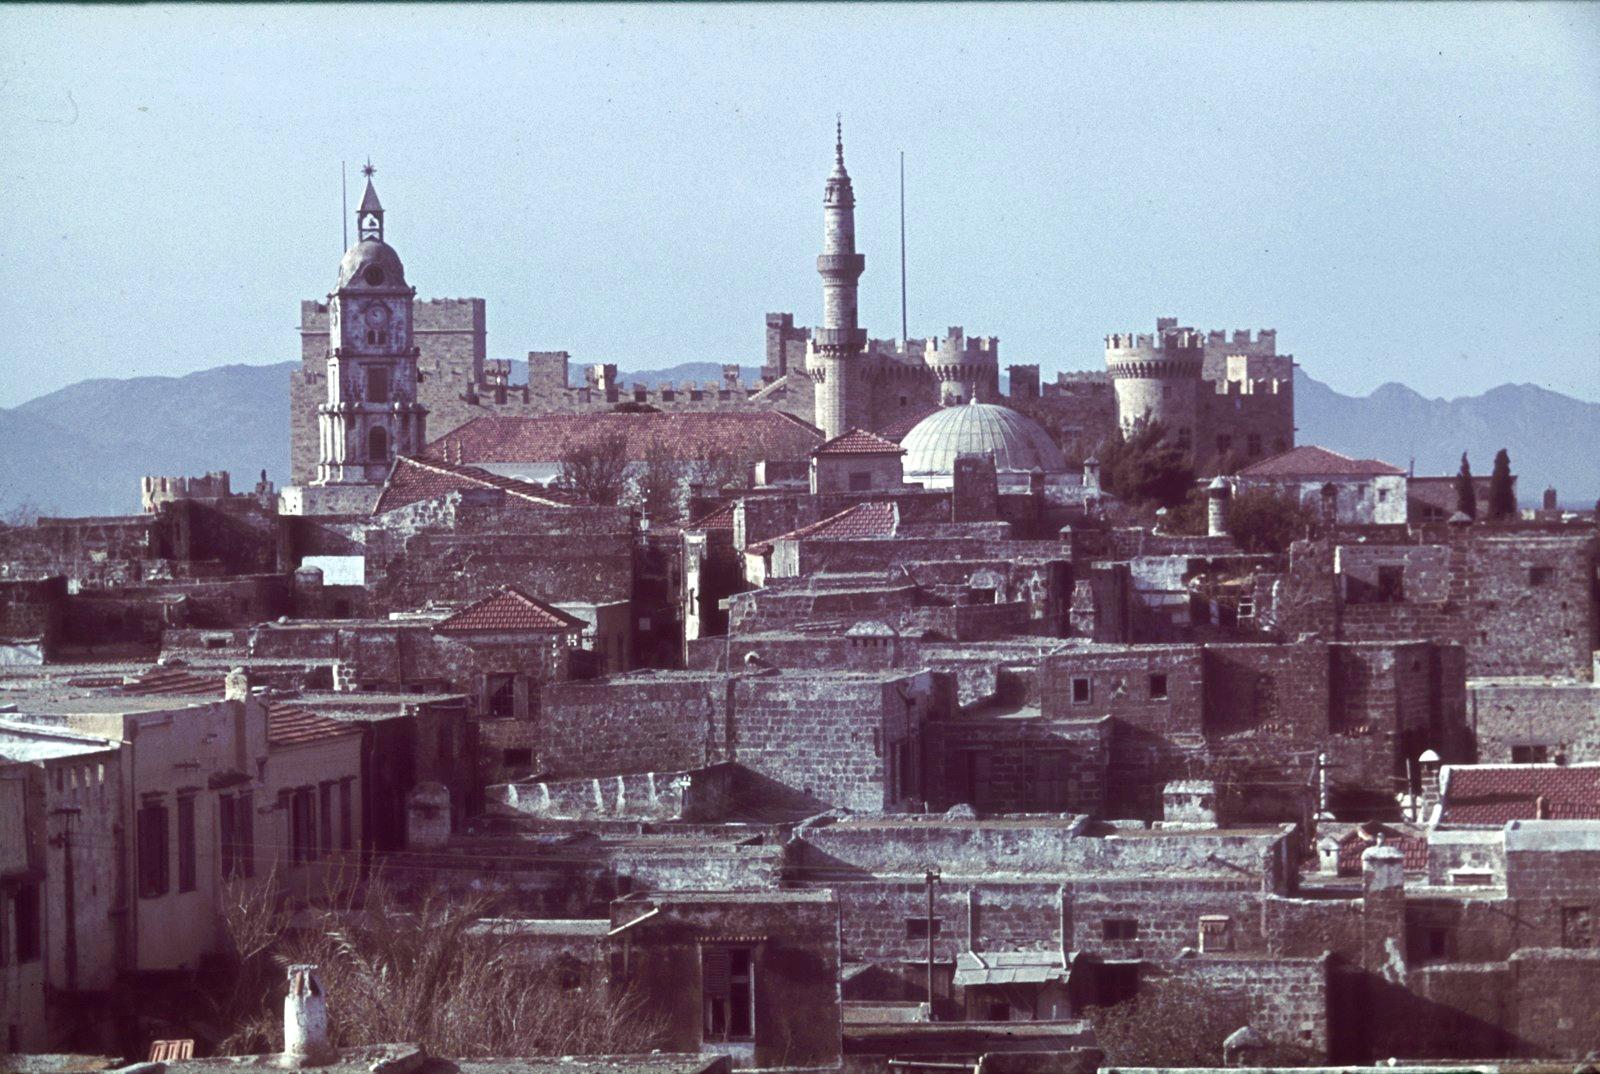 Родос. Вид на город с дворцом Великих магистров и мечетью Сулеймана Великолепного